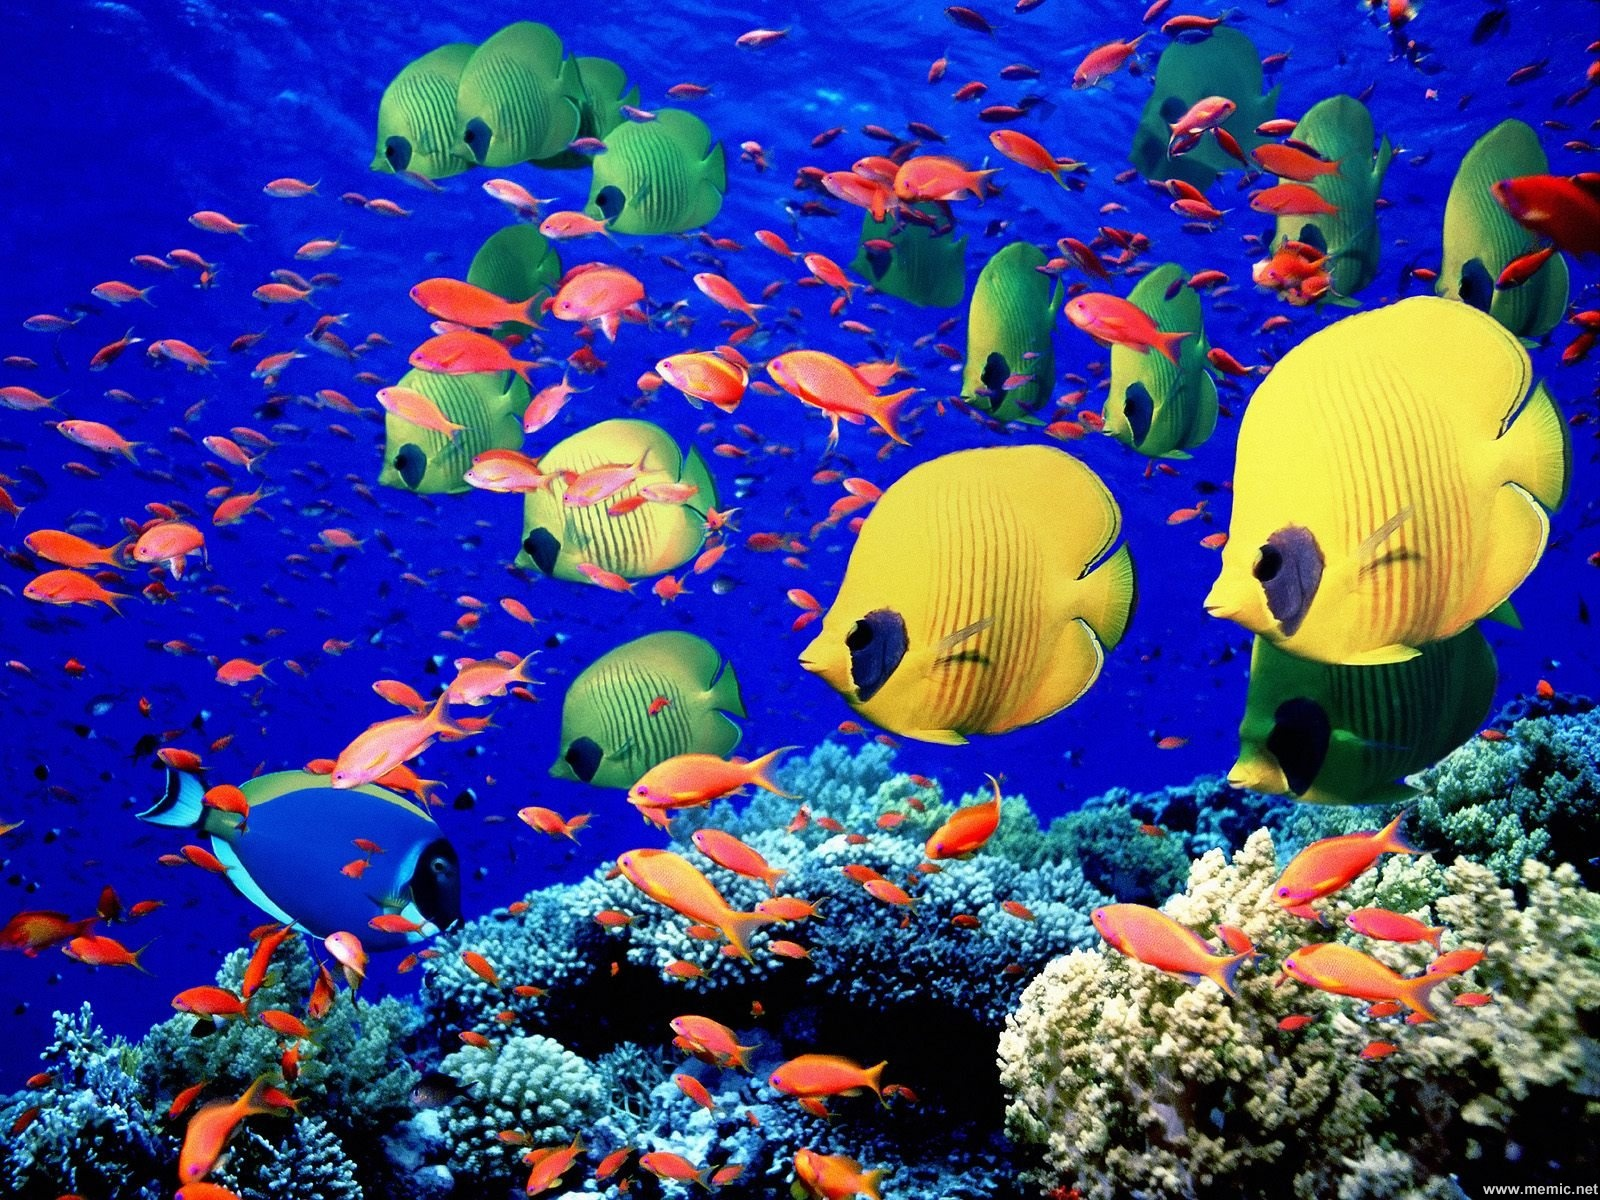 Cibo per pesci for Cibo per pesci tropicali